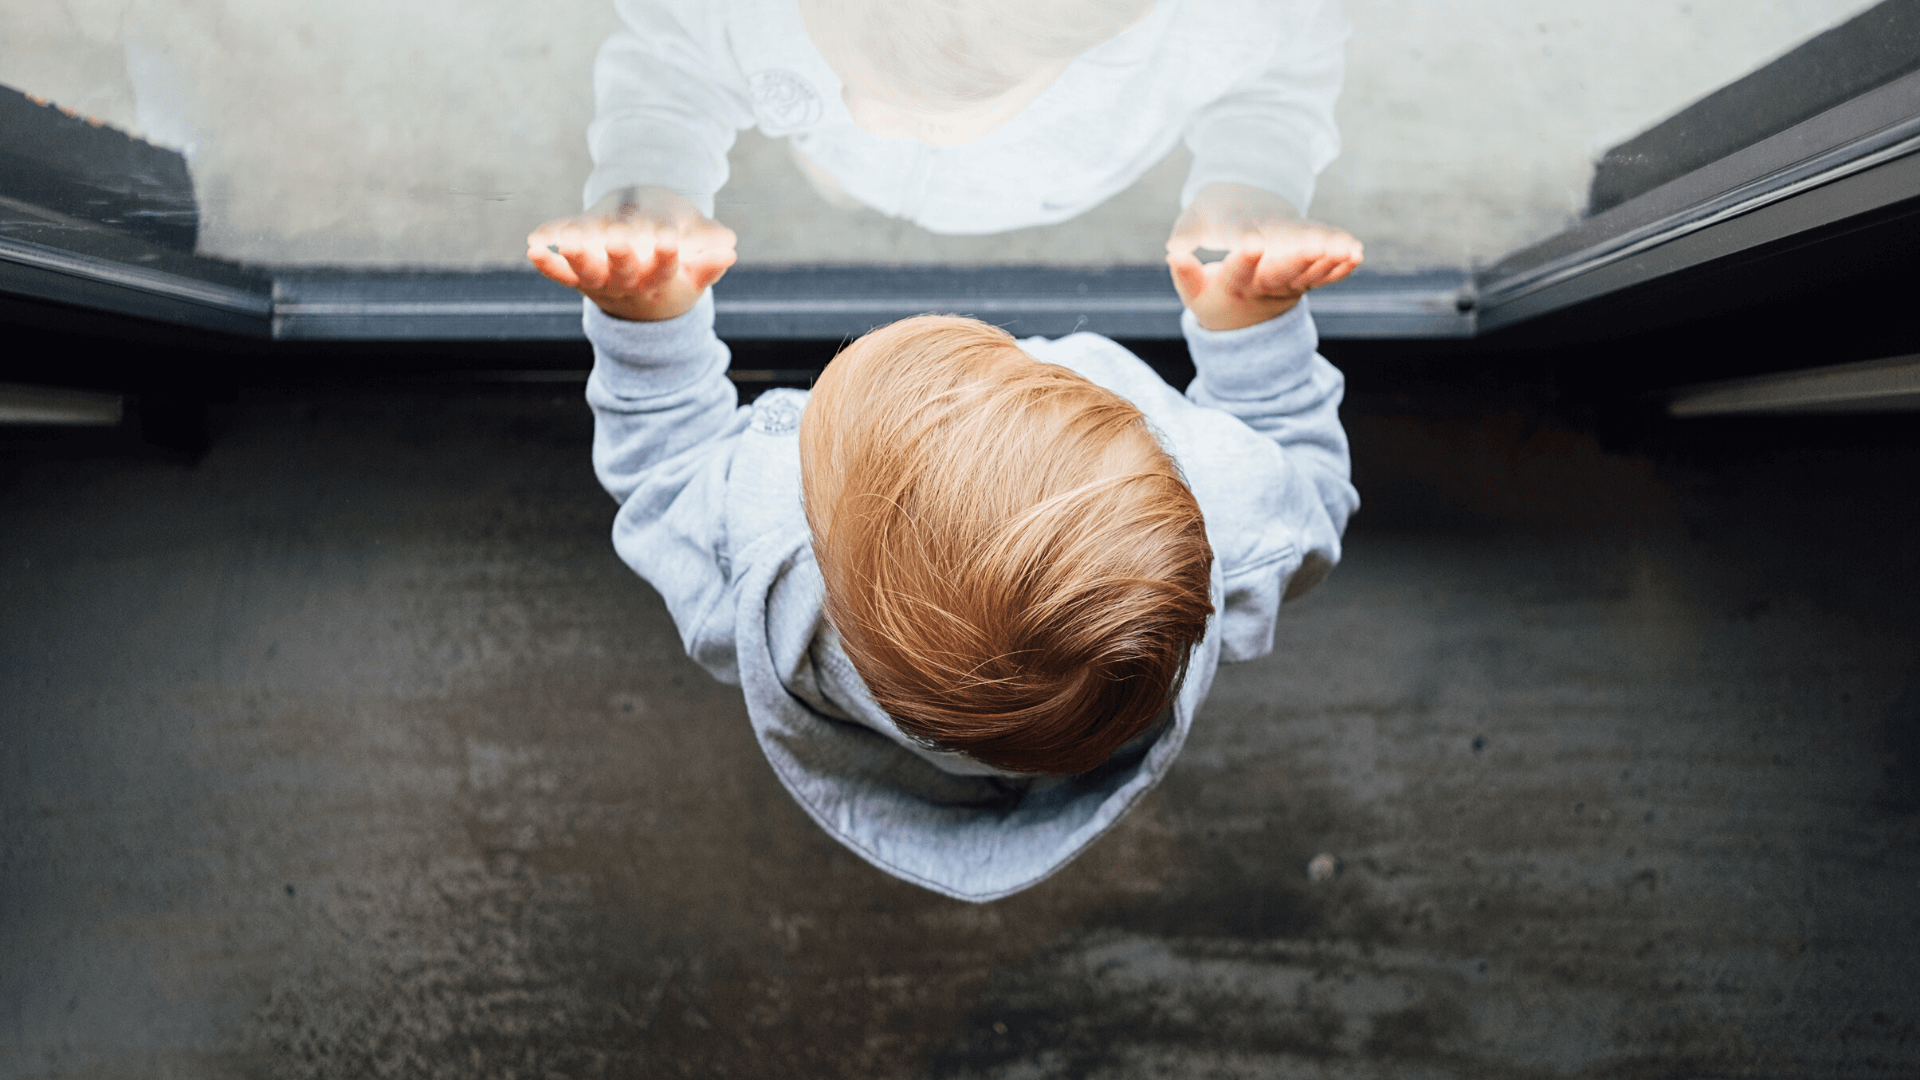 Gewalt an Kindern: Der gefährlichste Ort eines Kindes ist das eigene Zuhause